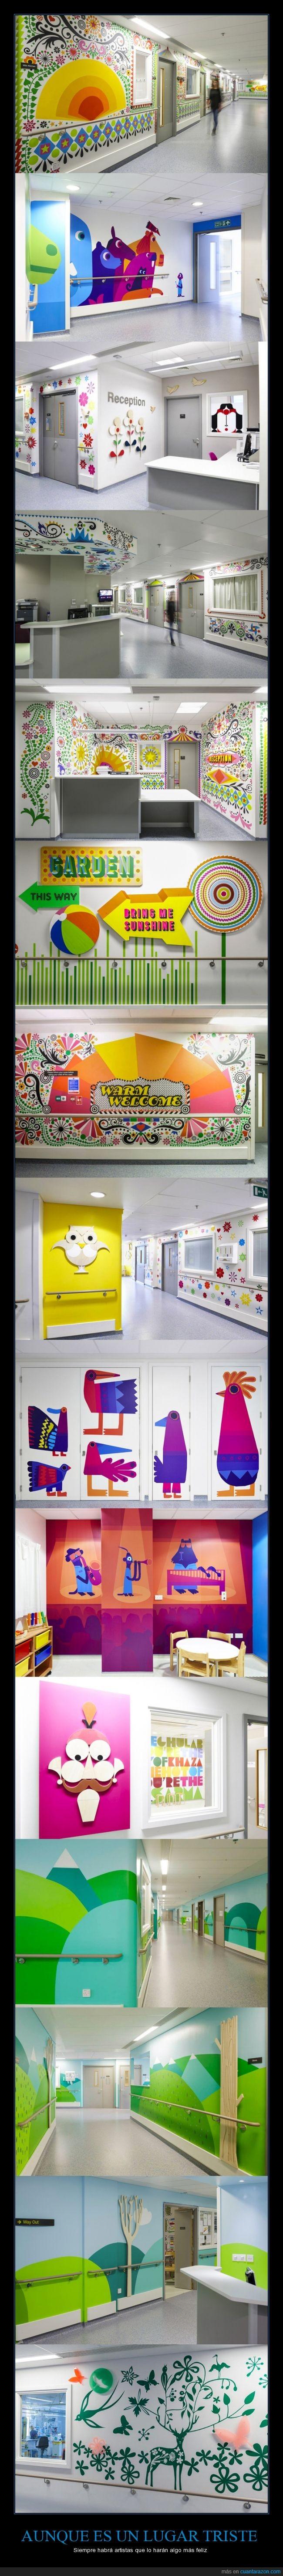 alegrar,alegria,arte,colores,colorido,decorar,feliz,hospital,infantil,niño,pediatria,pintar